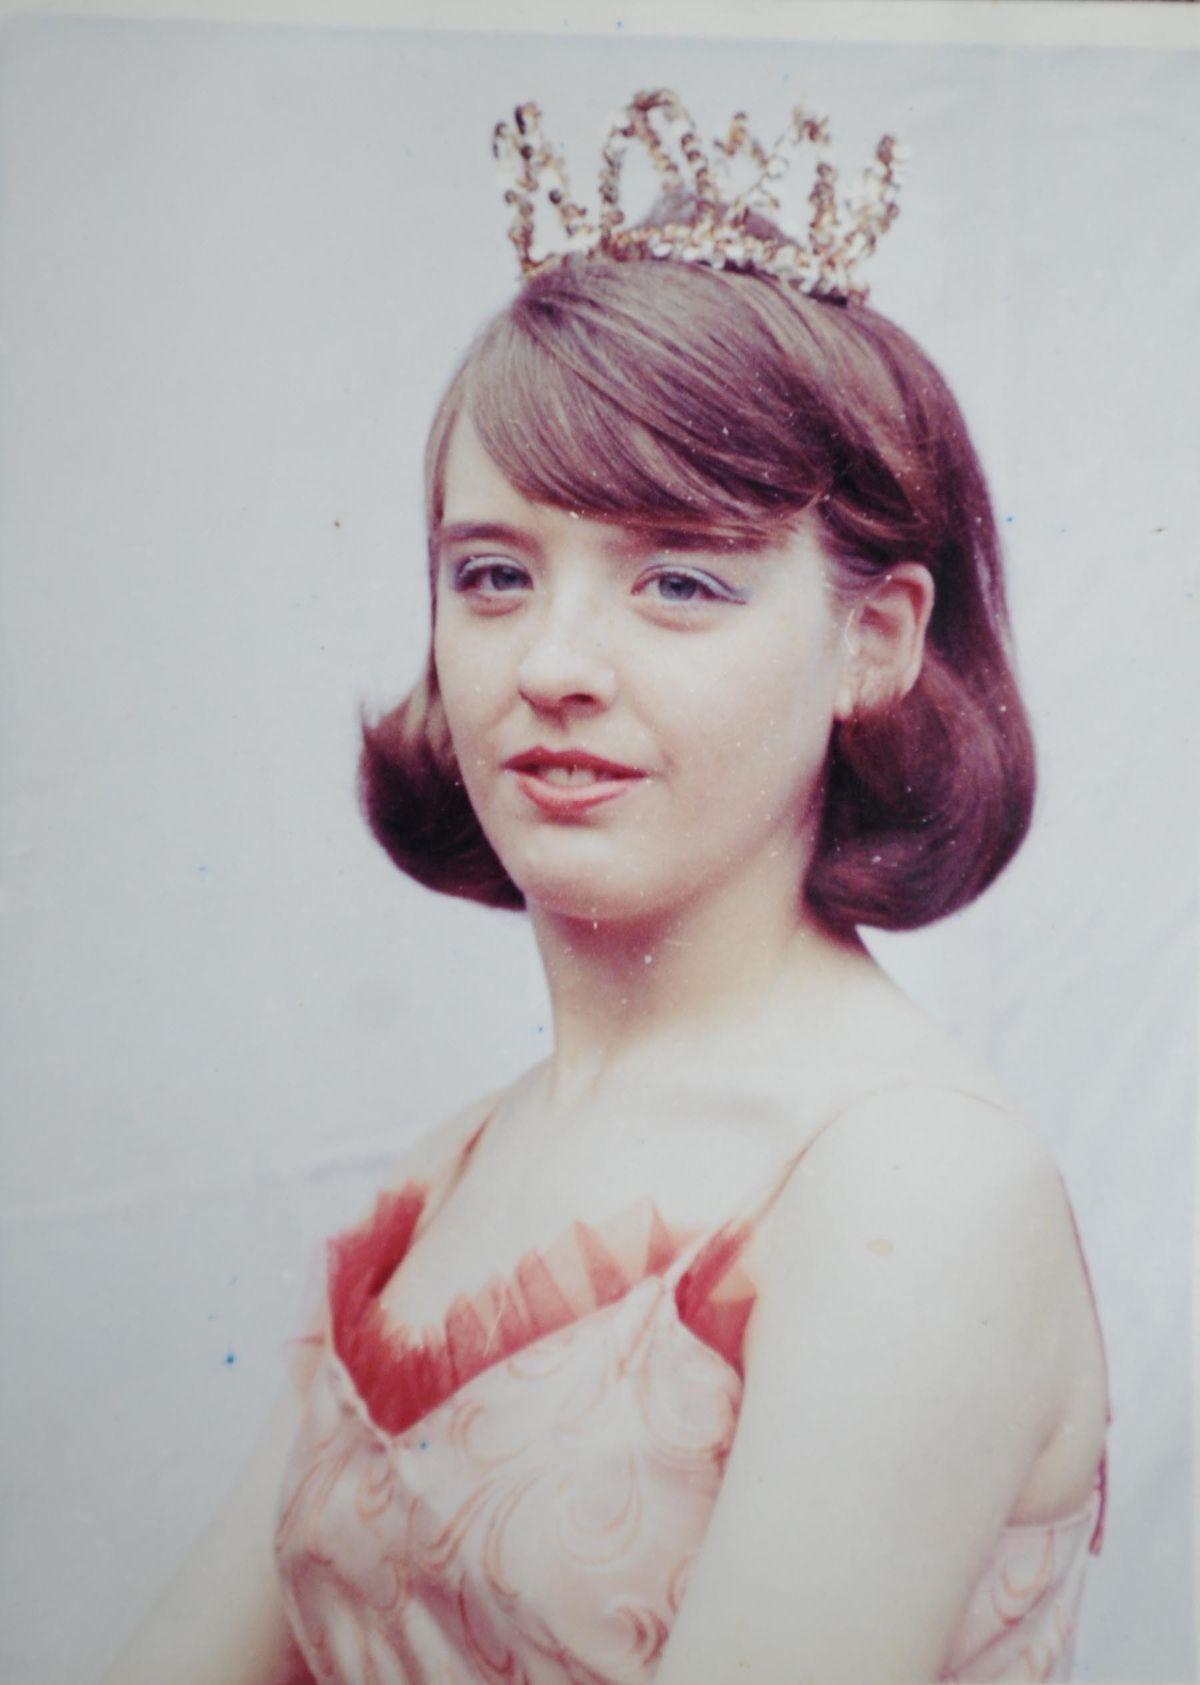 Denise aged 15